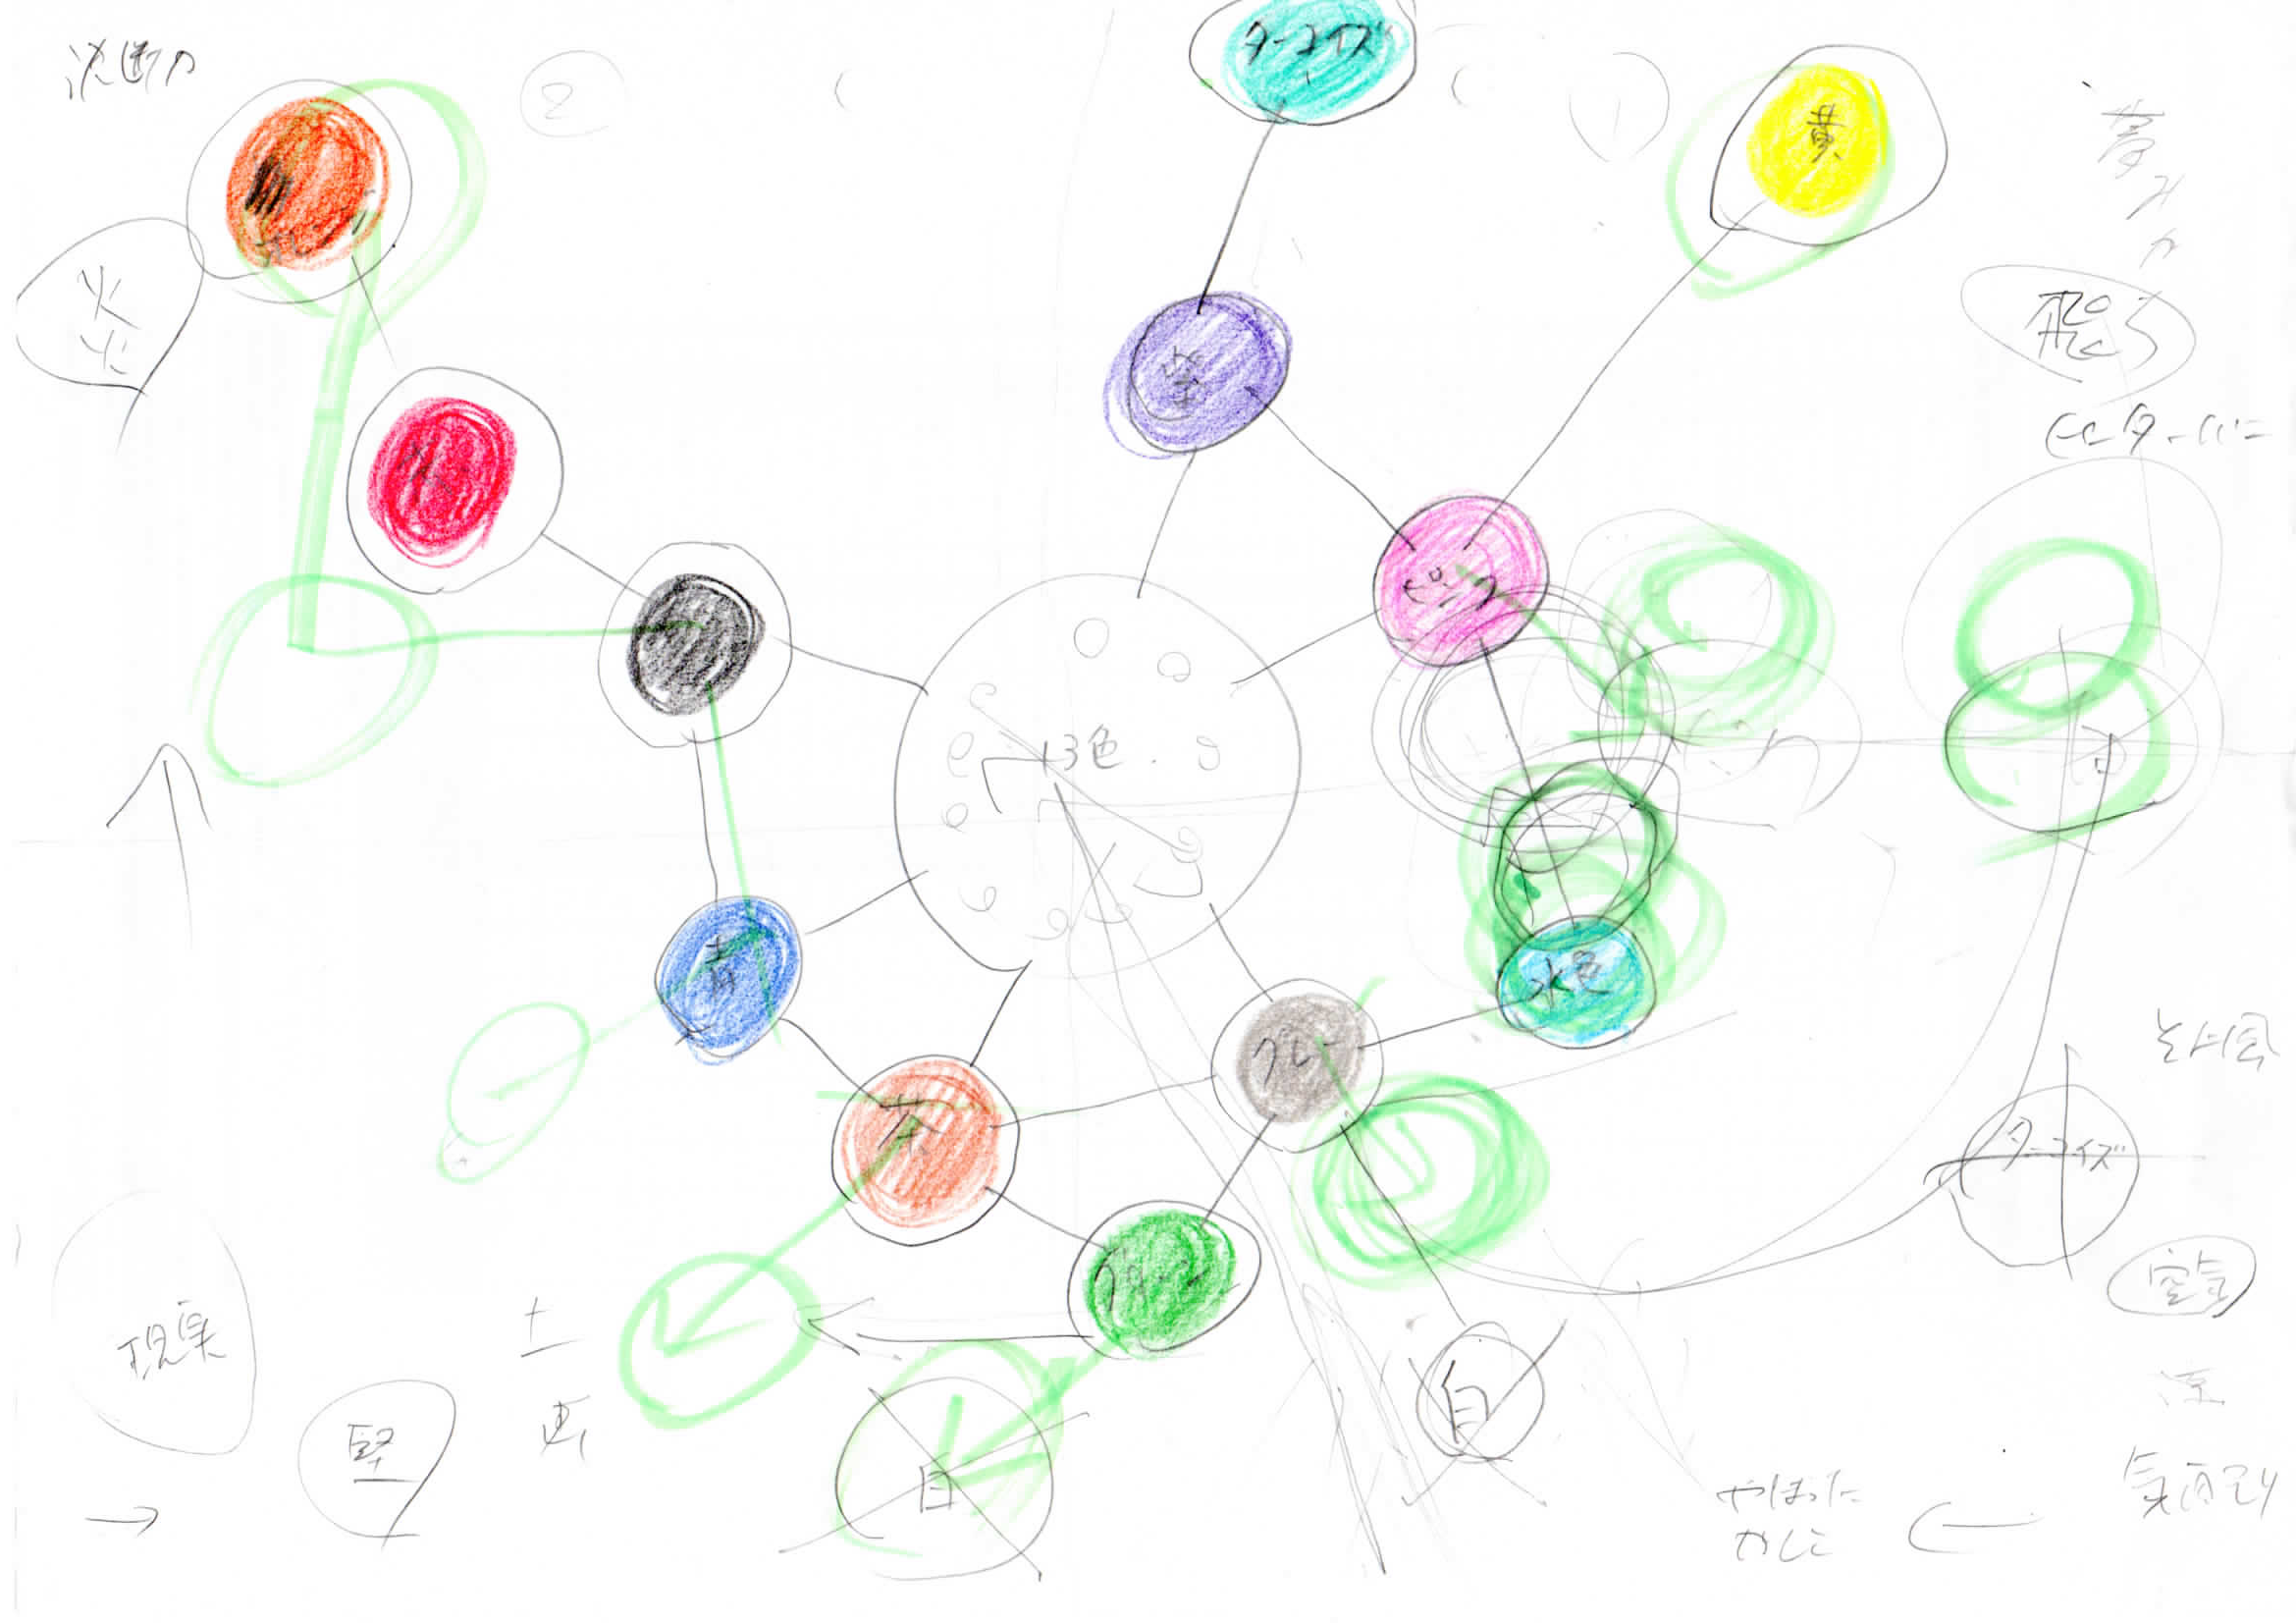 カラータイプマップ開発のためのスケッチ(2)